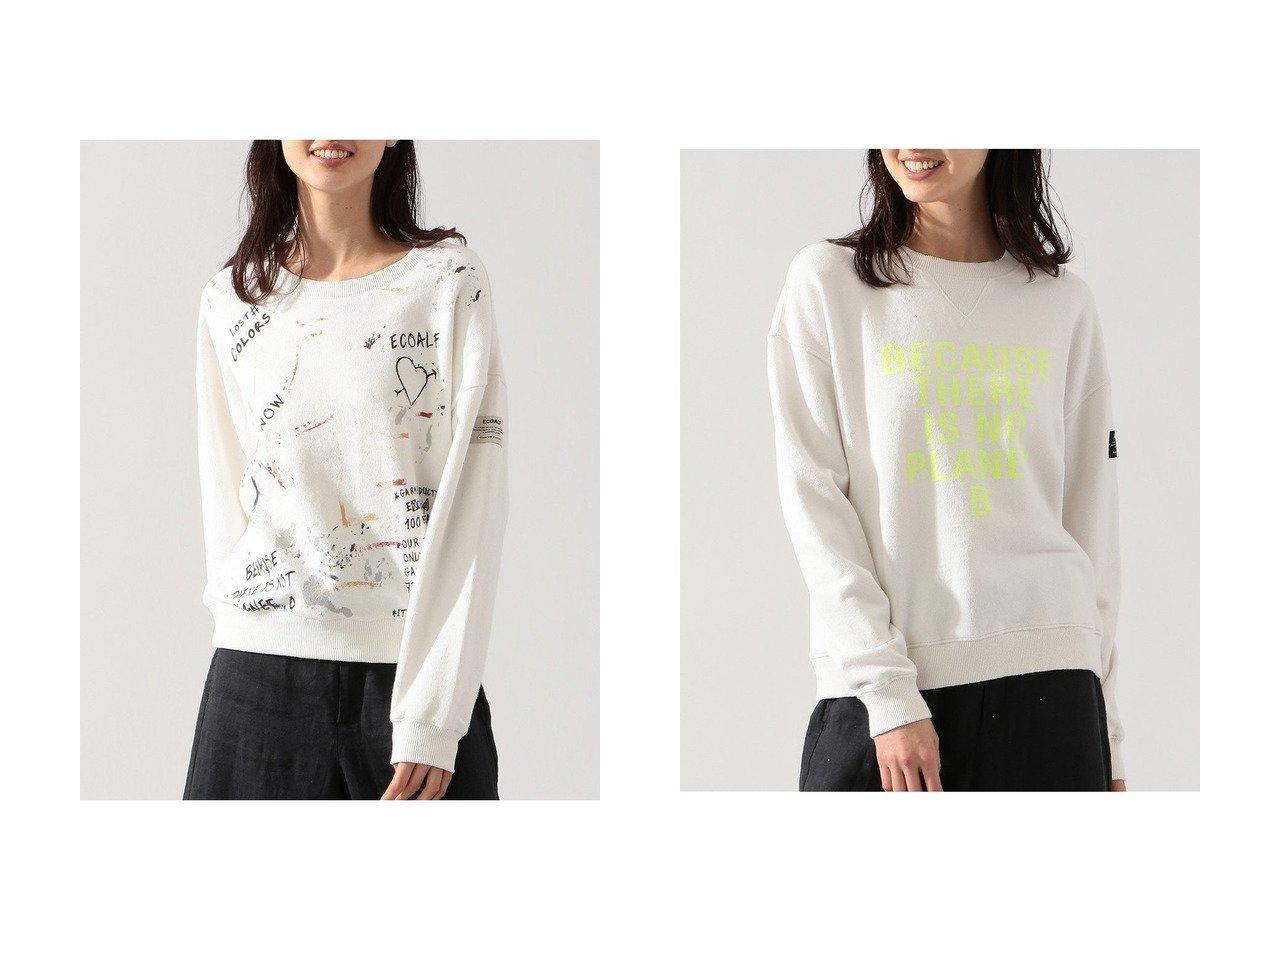 【ECOALF/エコアルフ】のLOST COLORS スウェットシャツ LOST SWEATSHIRT WOMAN&BECAUSE スウェットシャツ BECAUSE SWEATSHIRT WOMAN 【トップス・カットソー】おすすめ!人気、トレンド・レディースファッションの通販  おすすめで人気の流行・トレンド、ファッションの通販商品 メンズファッション・キッズファッション・インテリア・家具・レディースファッション・服の通販 founy(ファニー) https://founy.com/ ファッション Fashion レディースファッション WOMEN トップス・カットソー Tops/Tshirt シャツ/ブラウス Shirts/Blouses パーカ Sweats ロング / Tシャツ T-Shirts スウェット Sweat カットソー Cut and Sewn コレクション 再入荷 Restock/Back in Stock/Re Arrival |ID:crp329100000034091